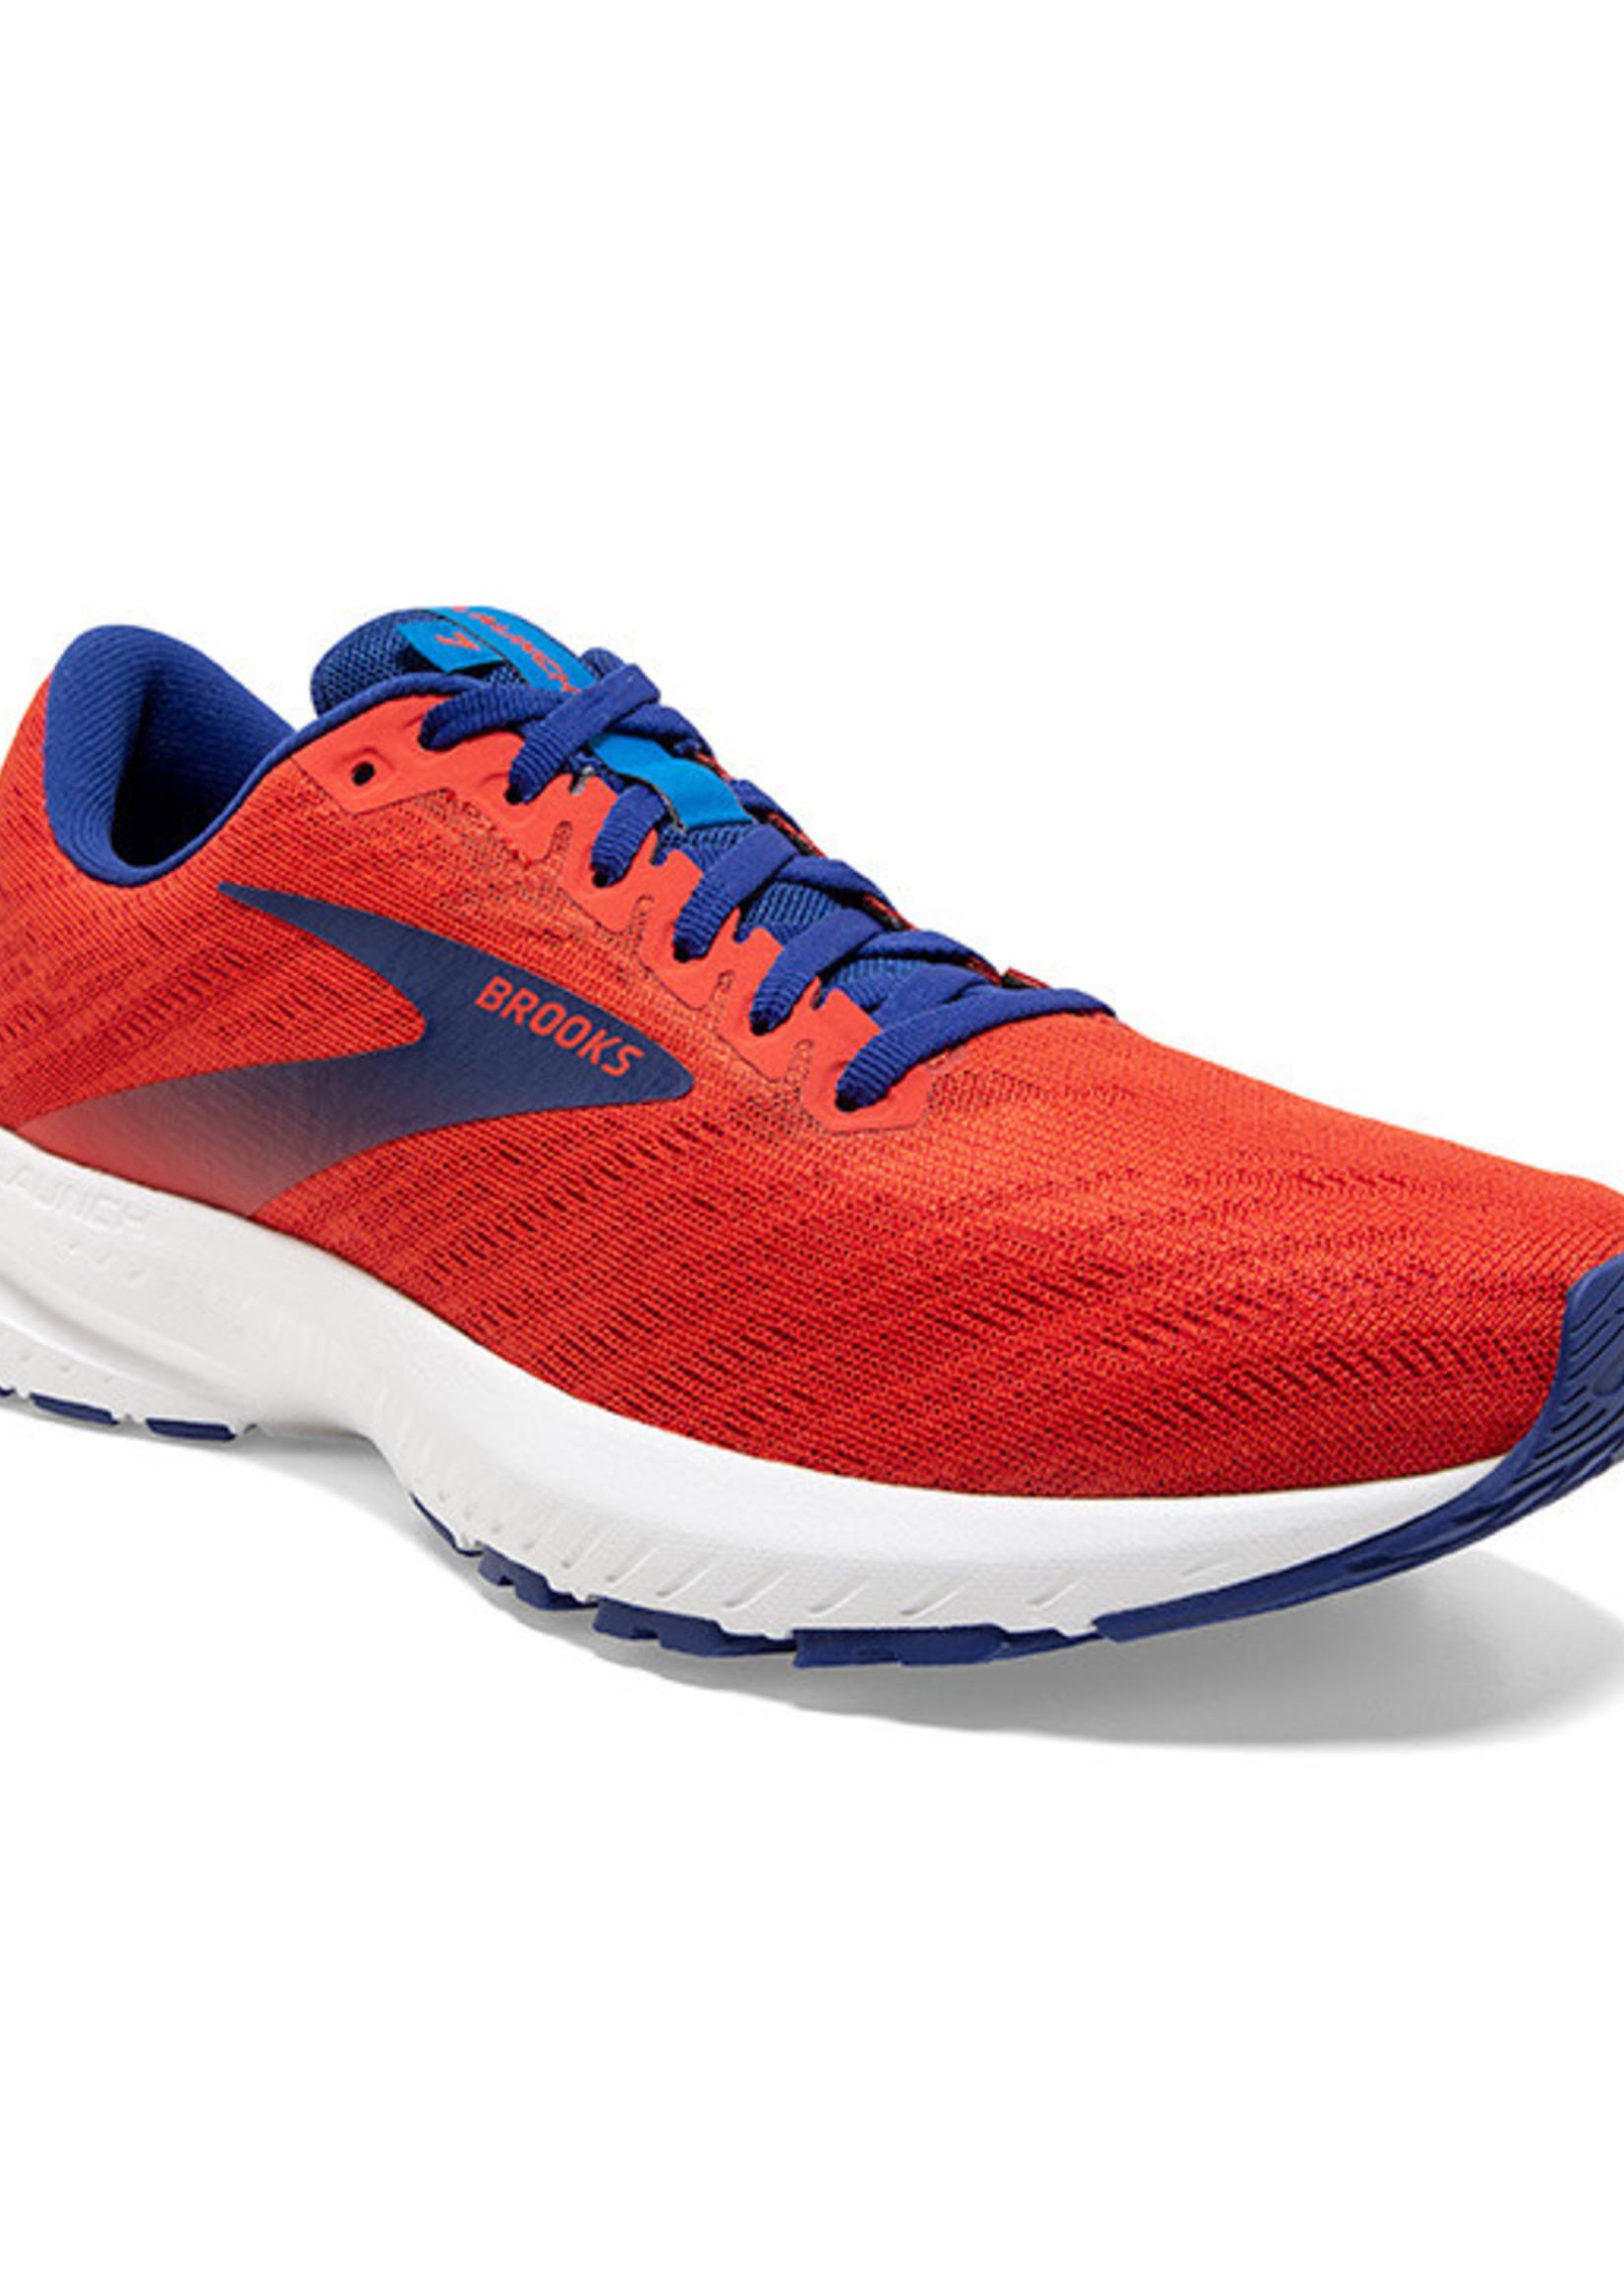 Brooks Brooks Launch 7 Men's Shoes